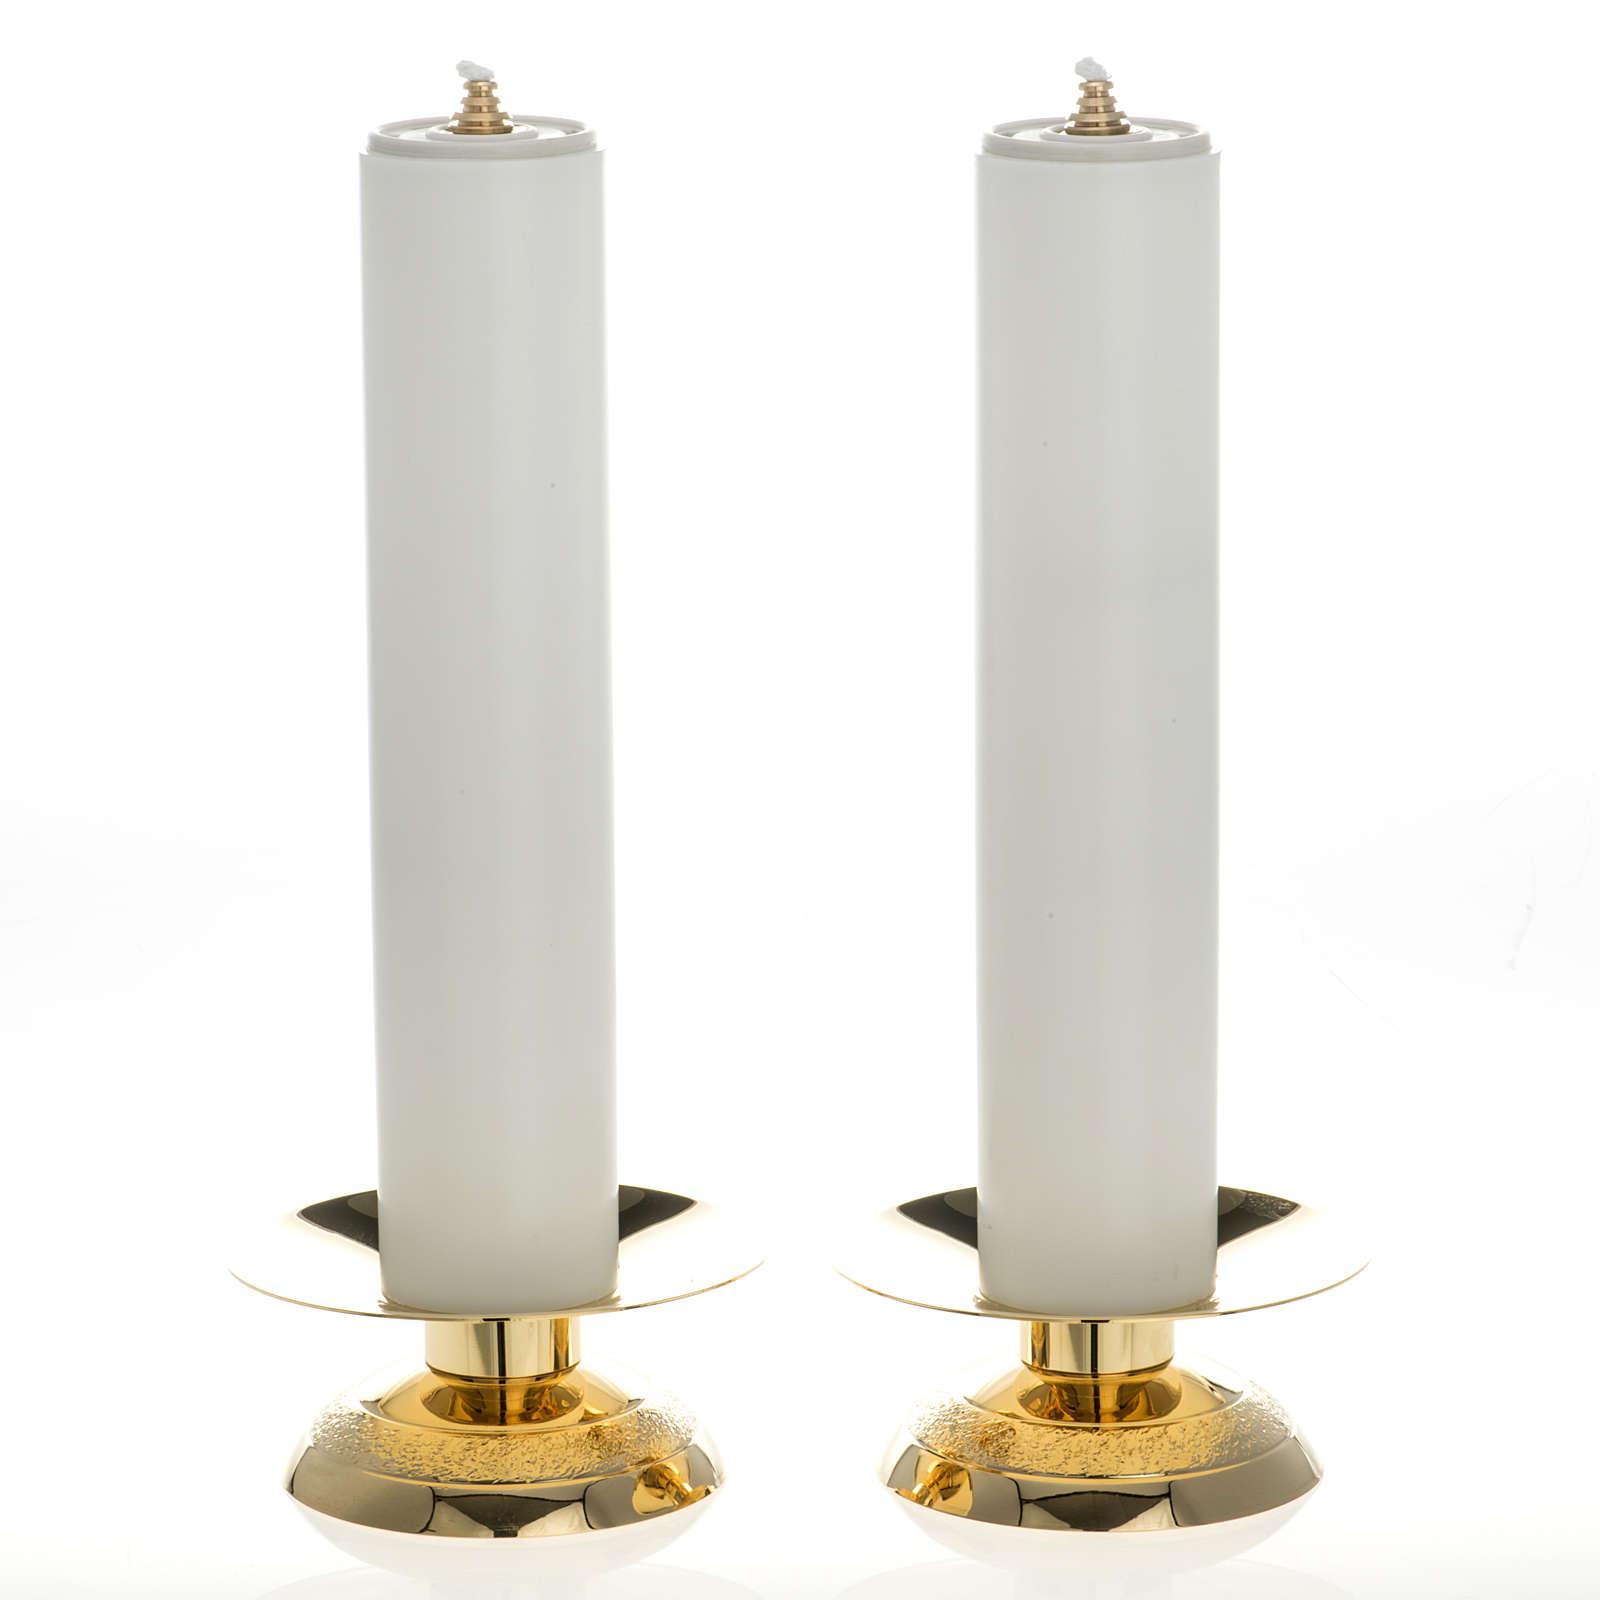 Candelieri e finte candele 2 pz 4